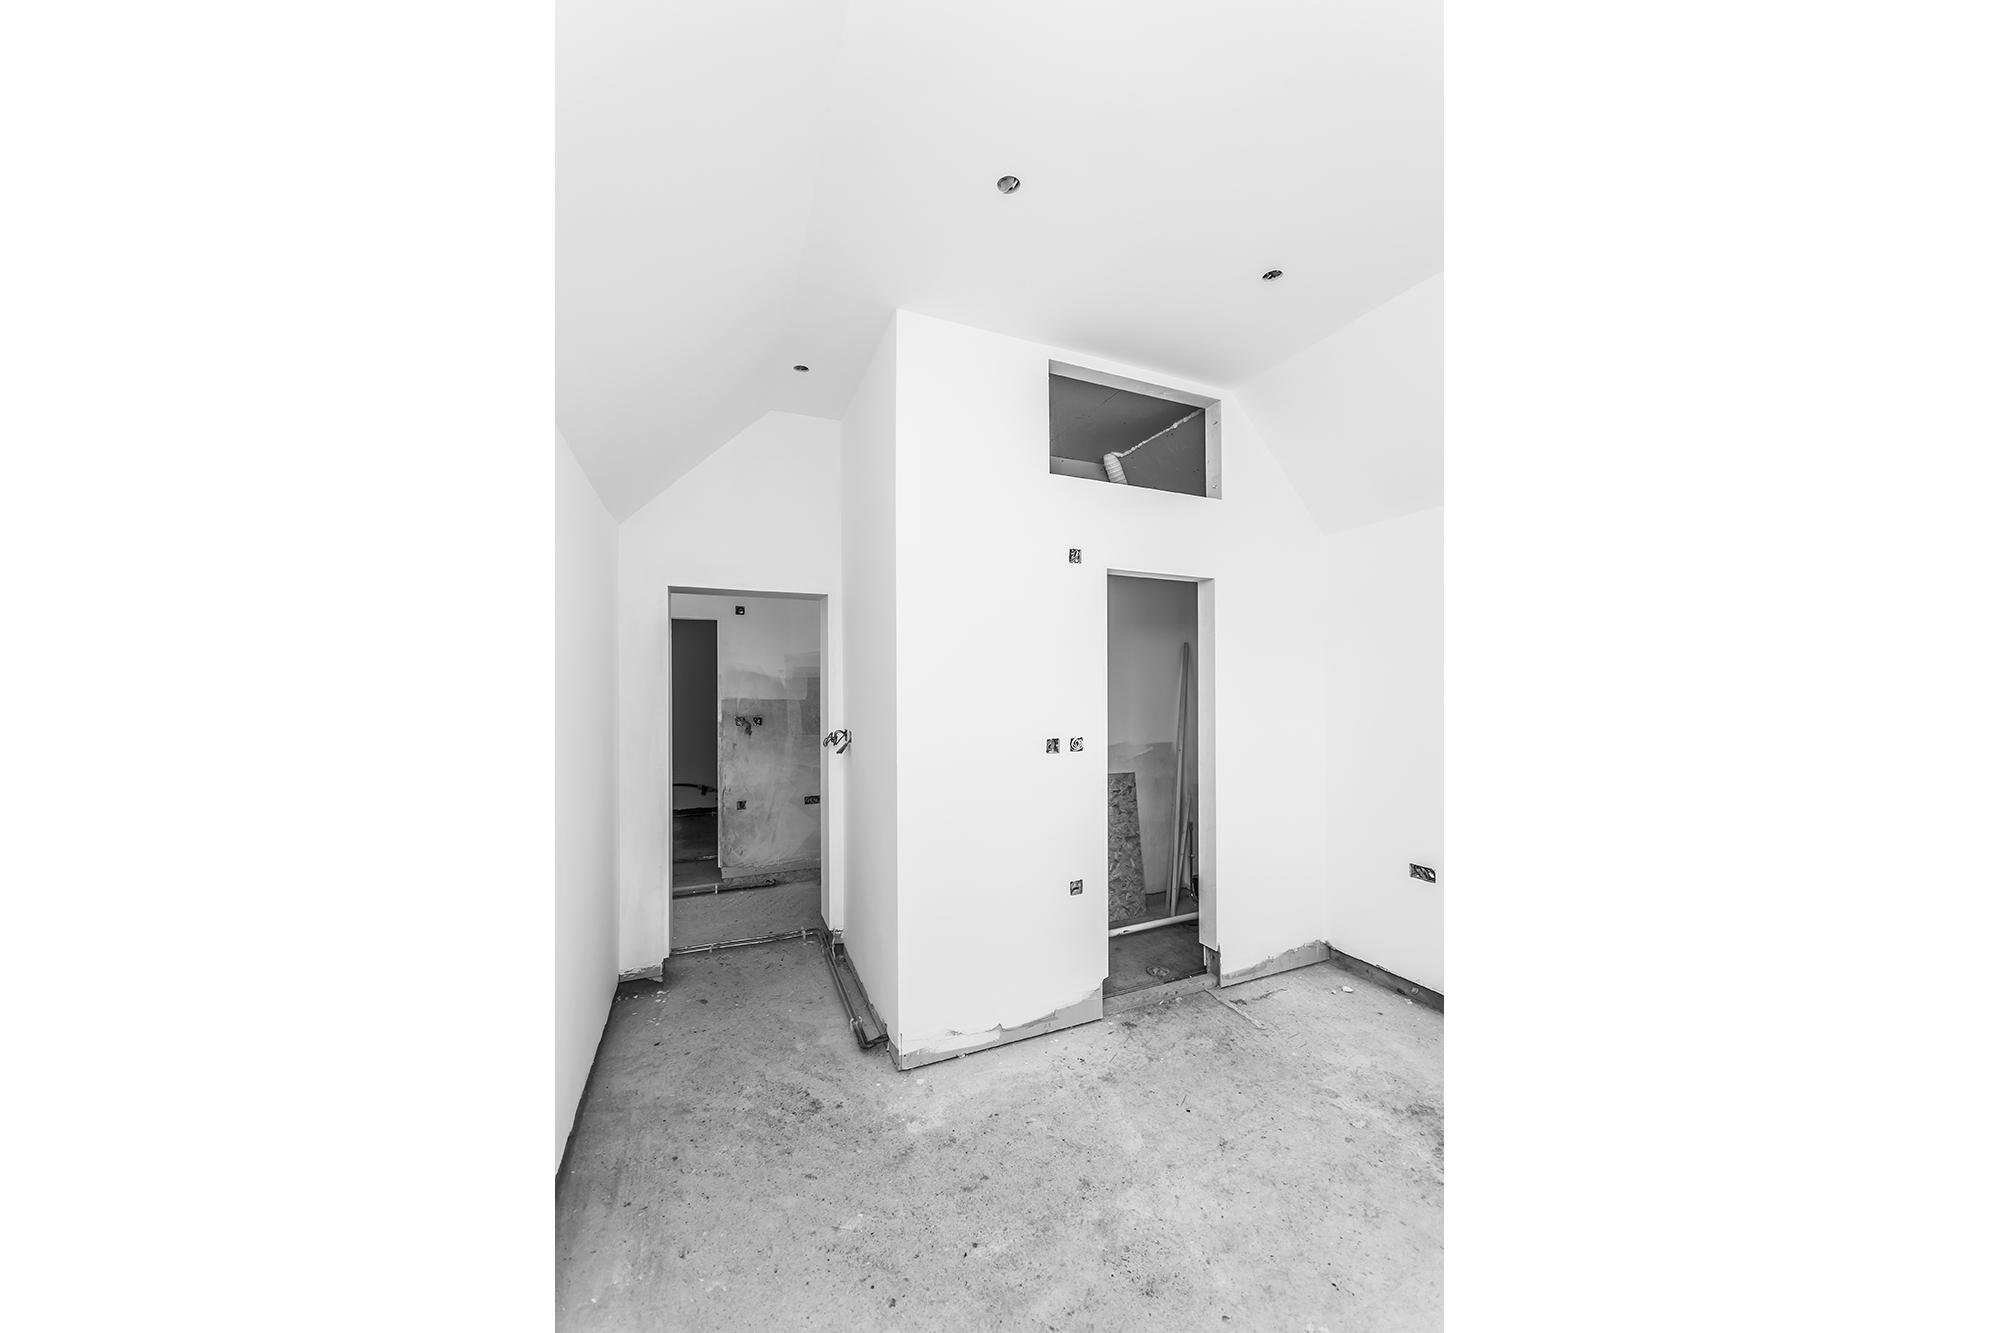 Hamsland_Construction2__54.jpg